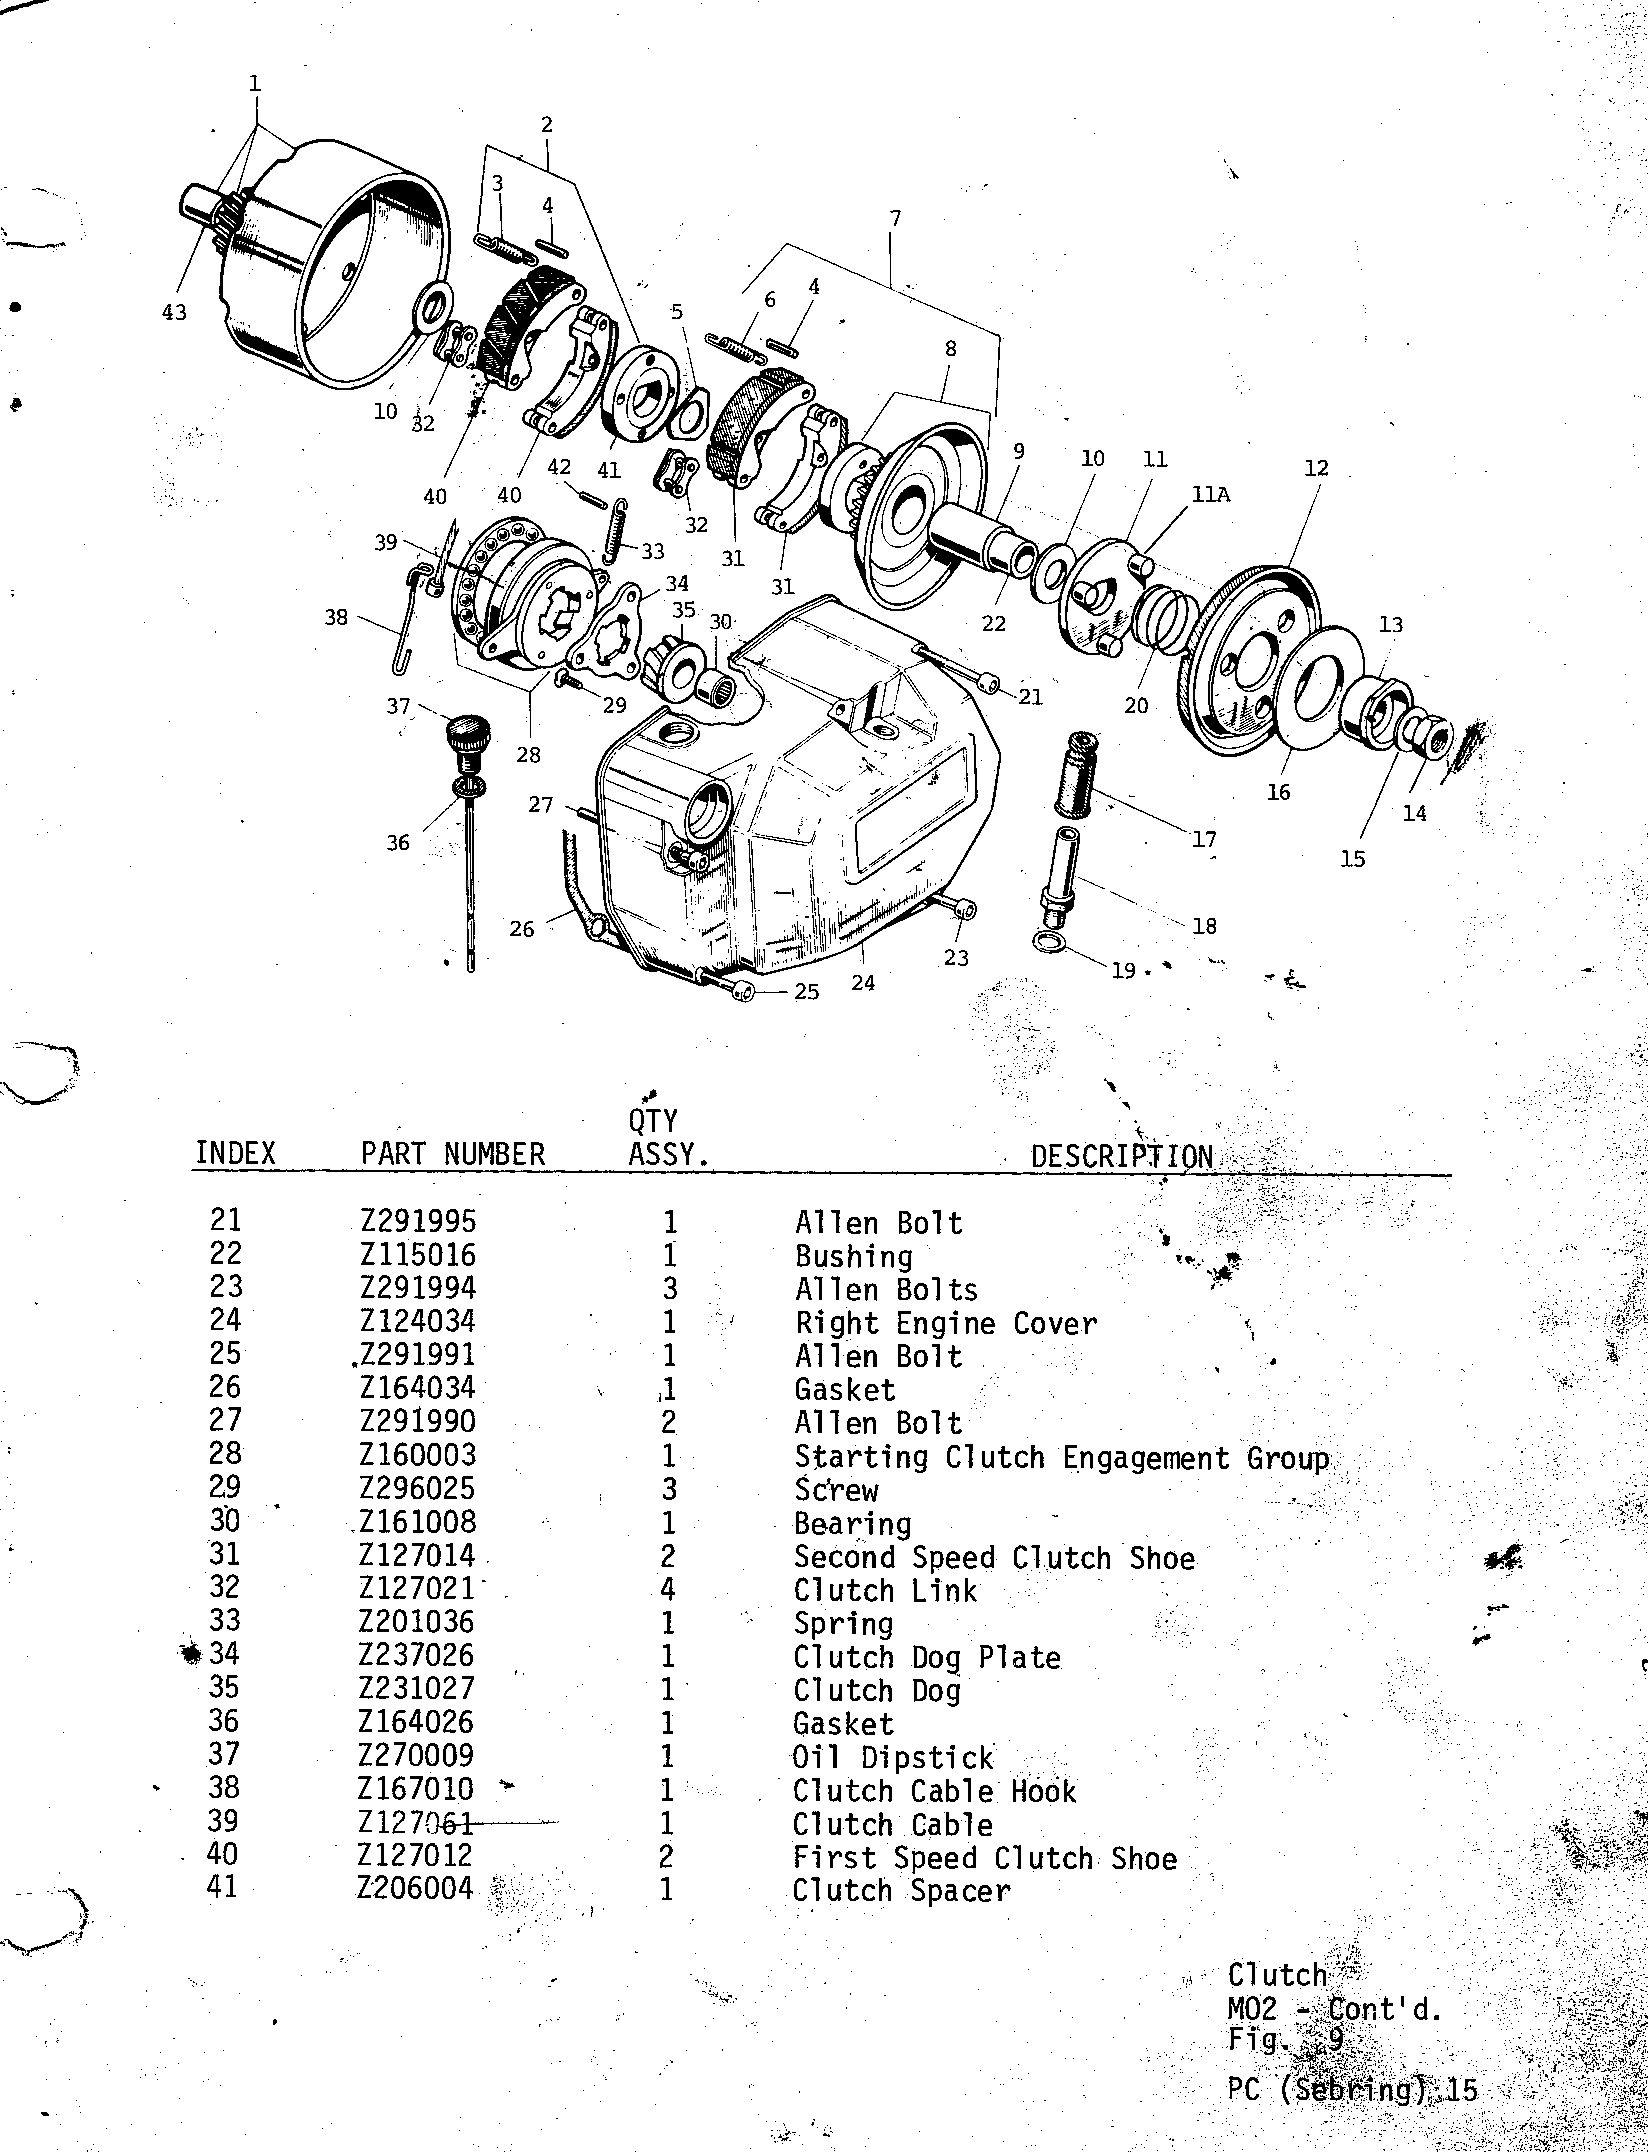 15 Clutch M02